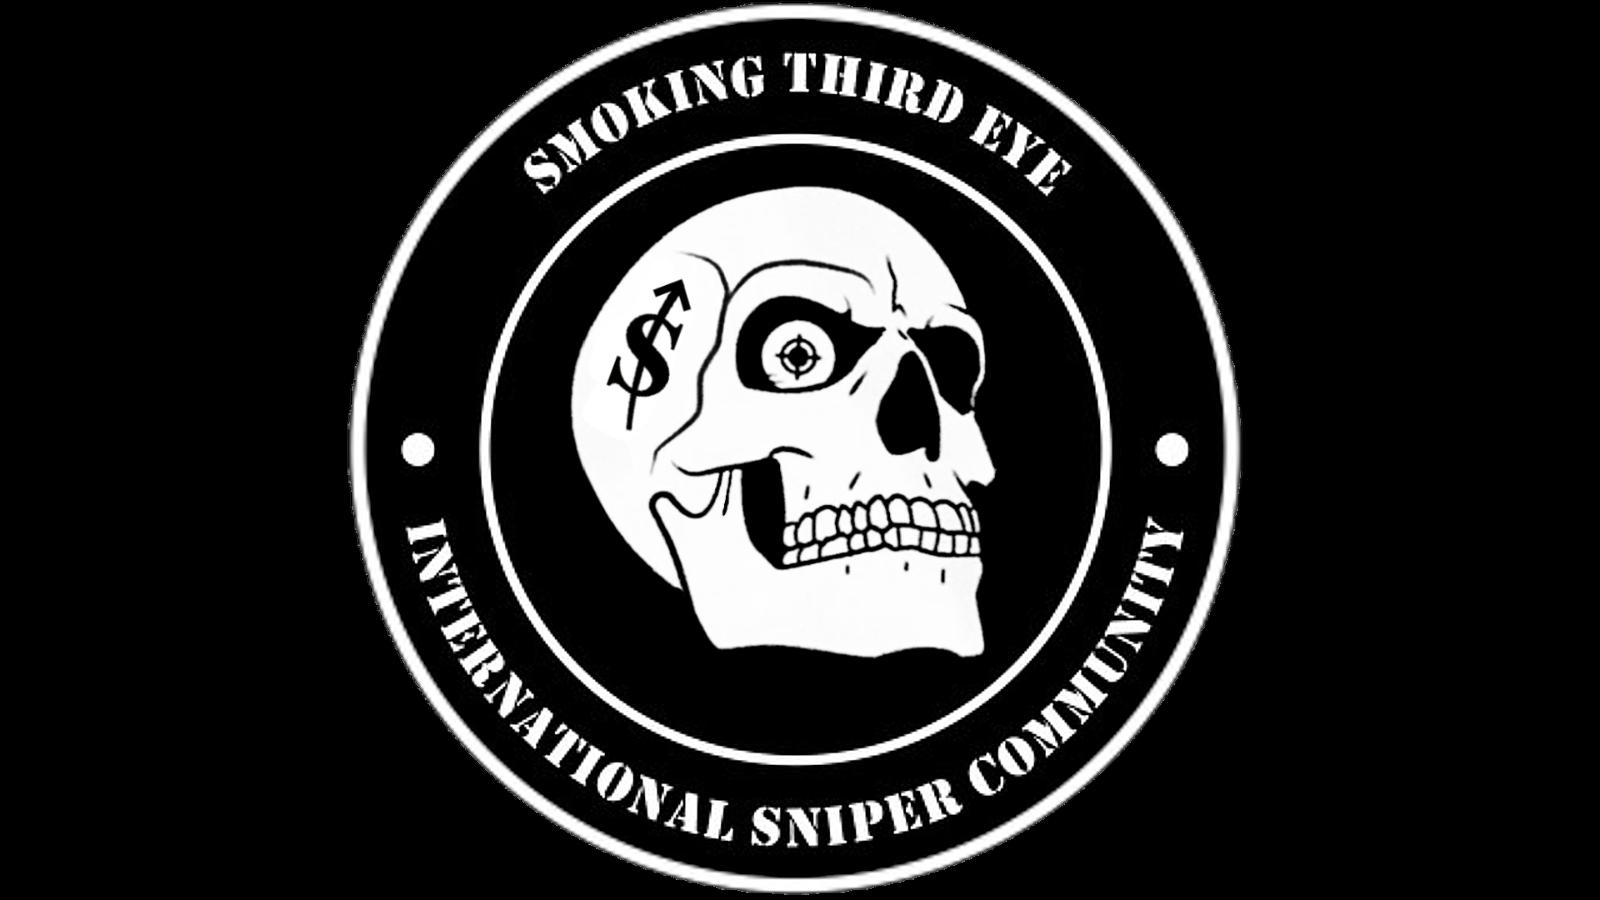 Smoking Third Eye